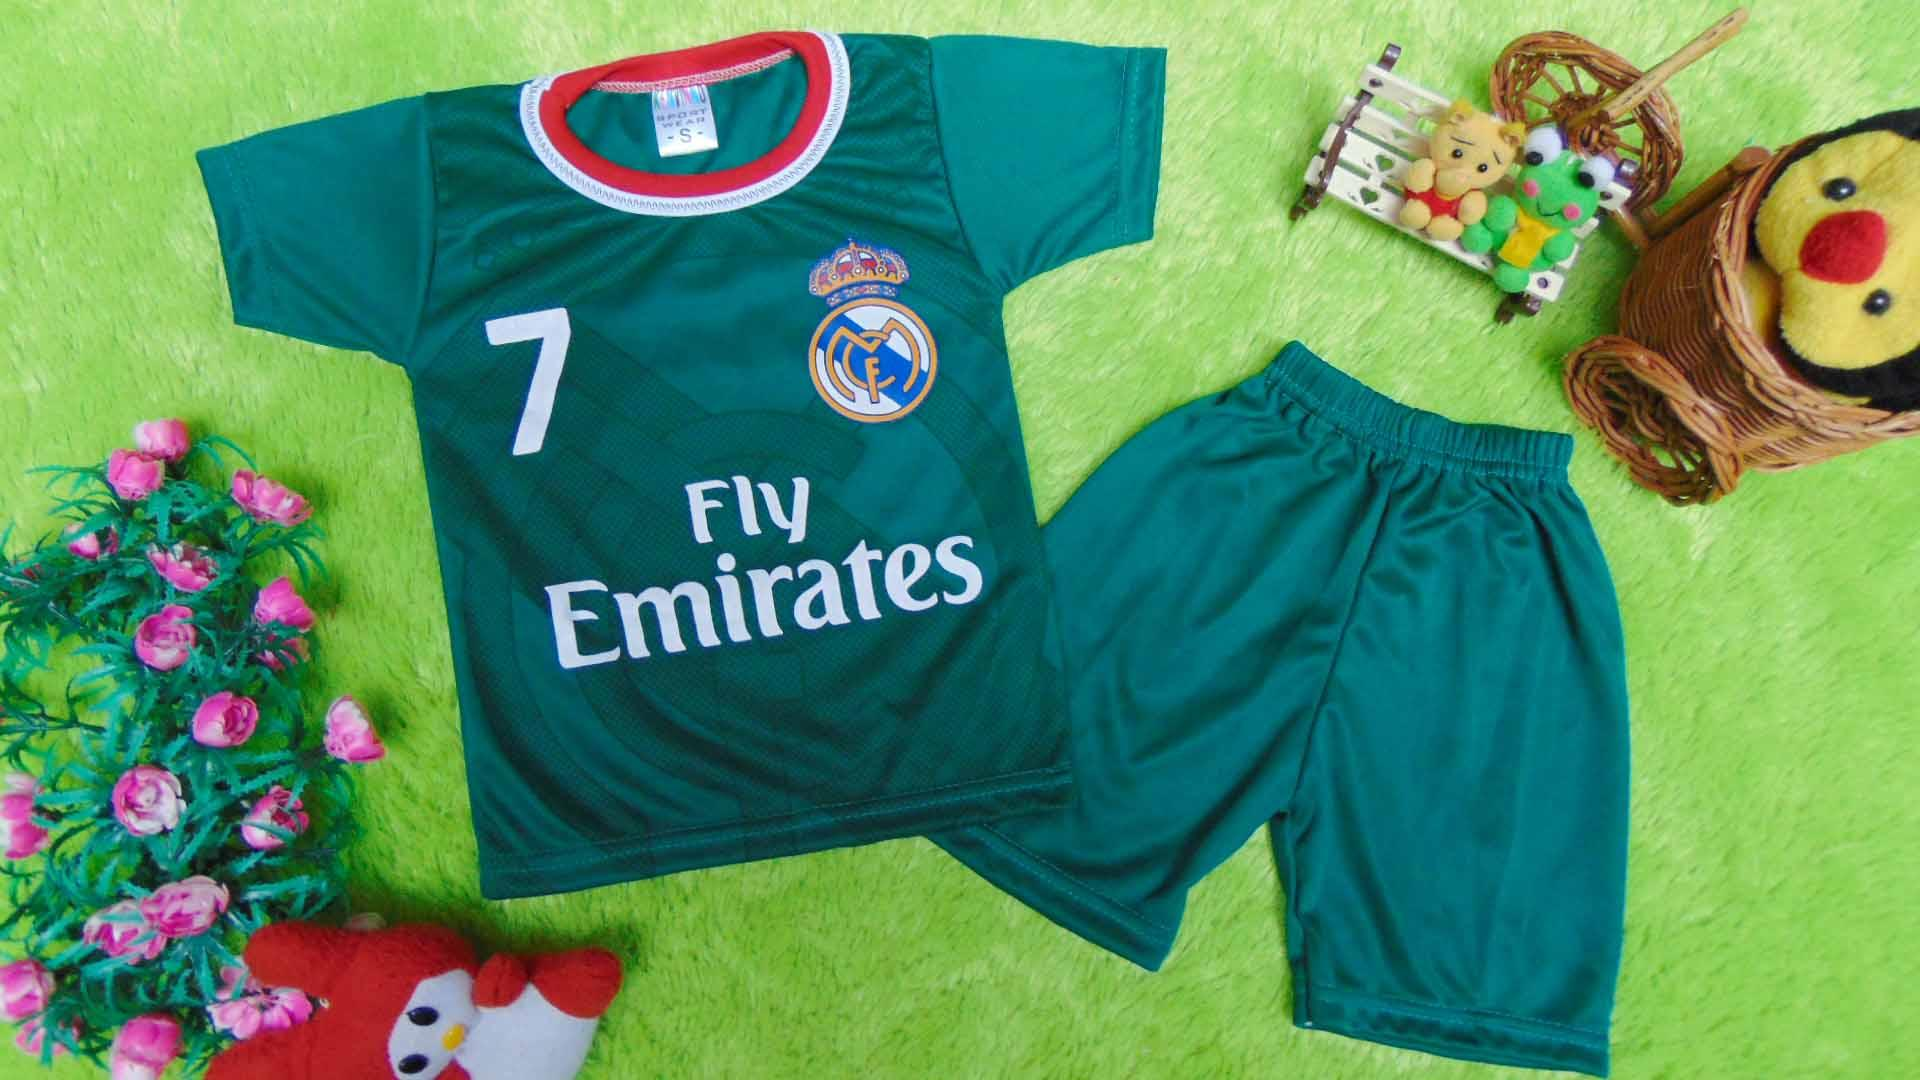 kembarshop - Setelan Baju Bola Bayi 0-12bulan Real Madrid Hijau